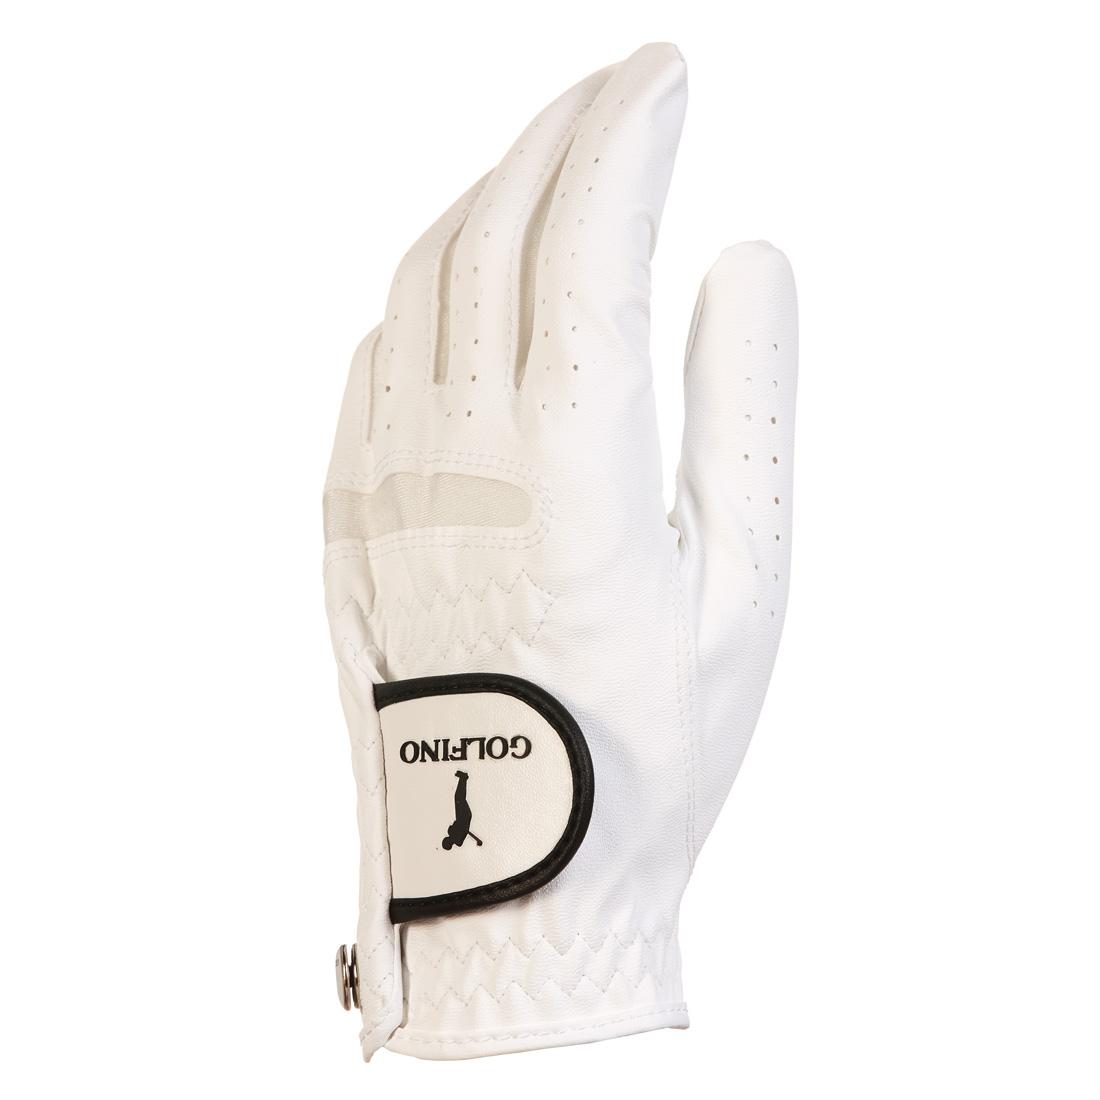 Leder Golf Handschuh